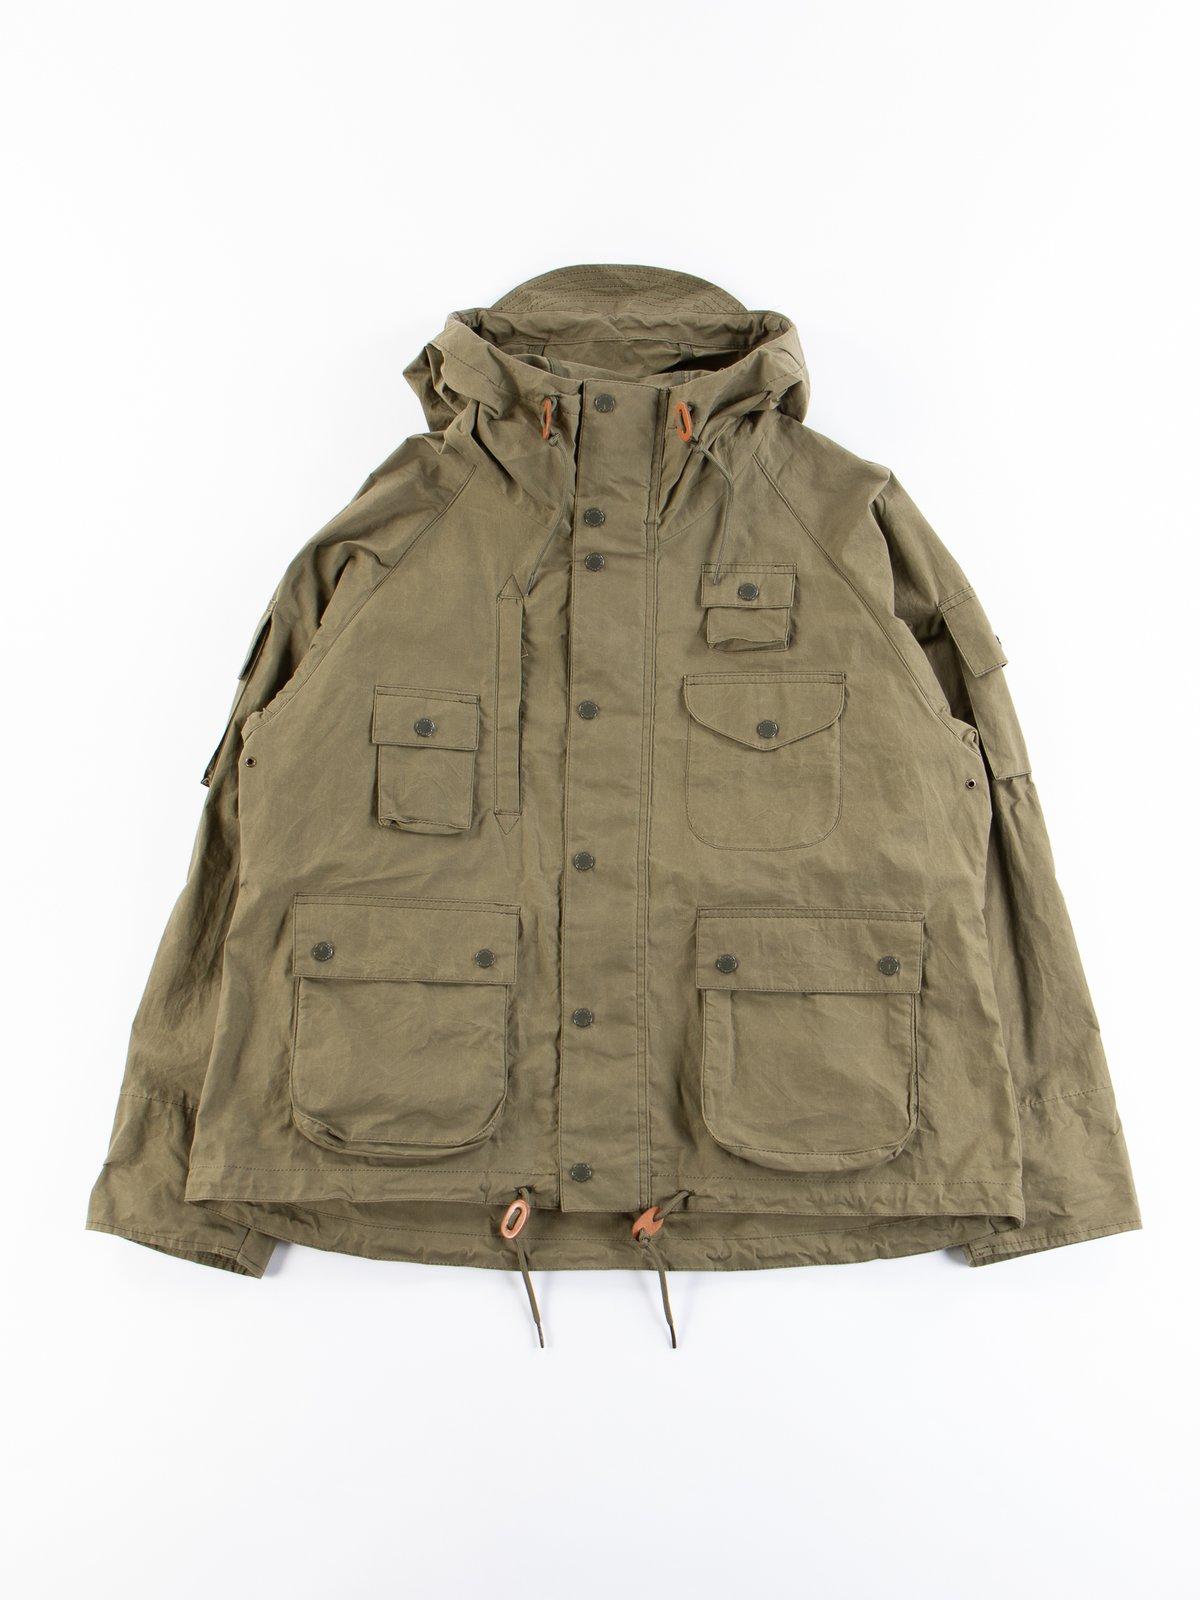 Olive Thompson Jacket - Image 1